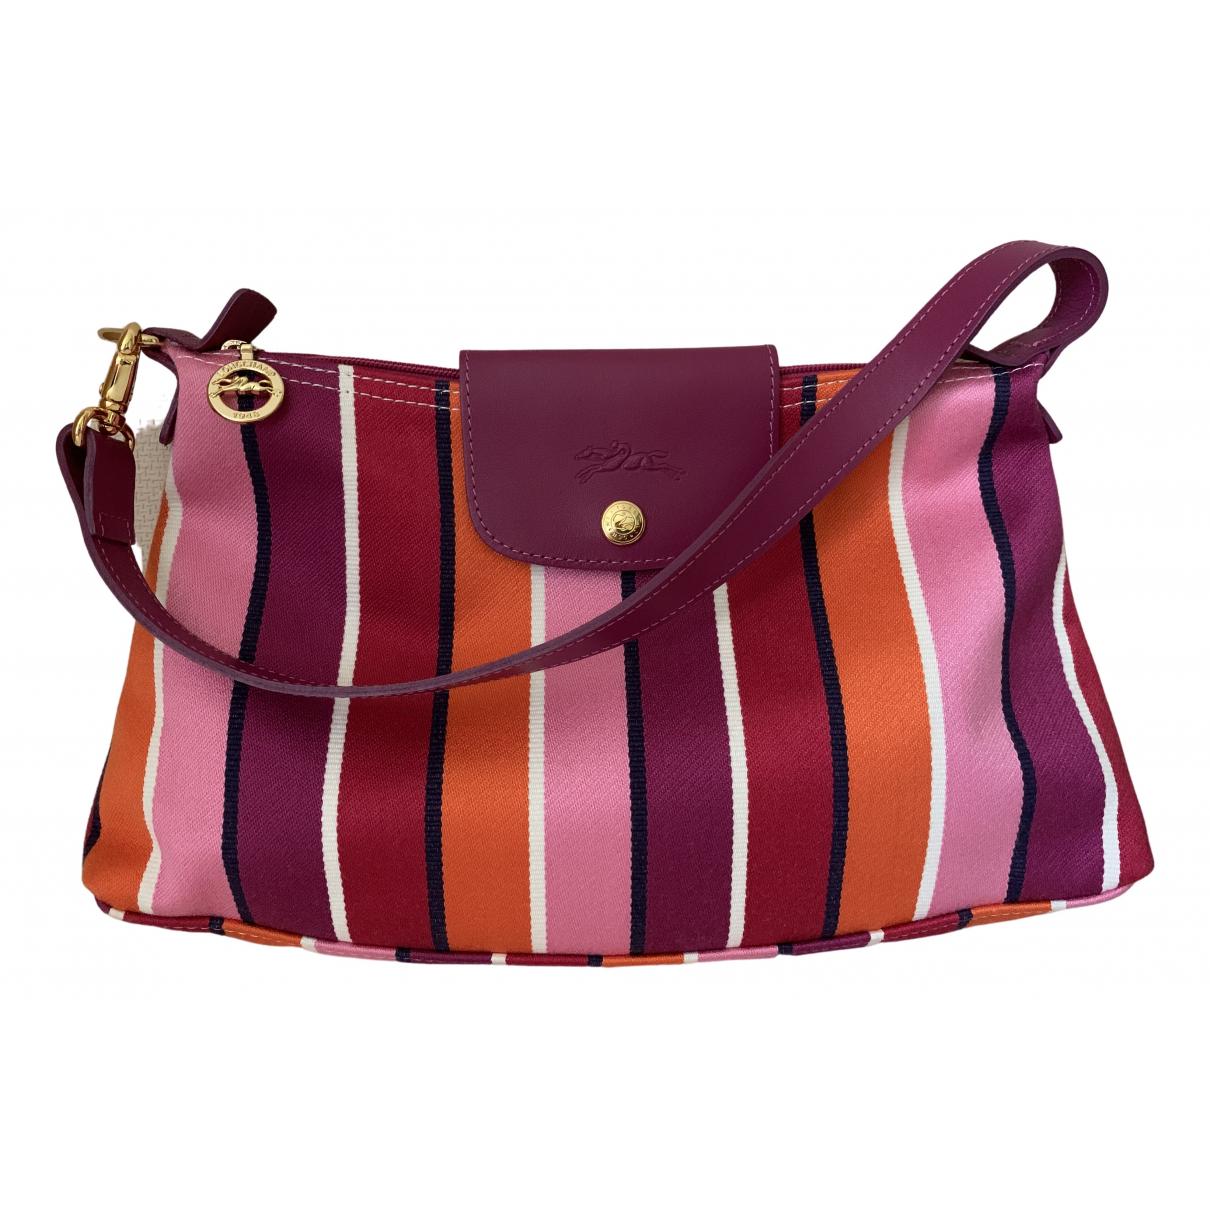 Longchamp - Sac a main   pour femme en toile - multicolore